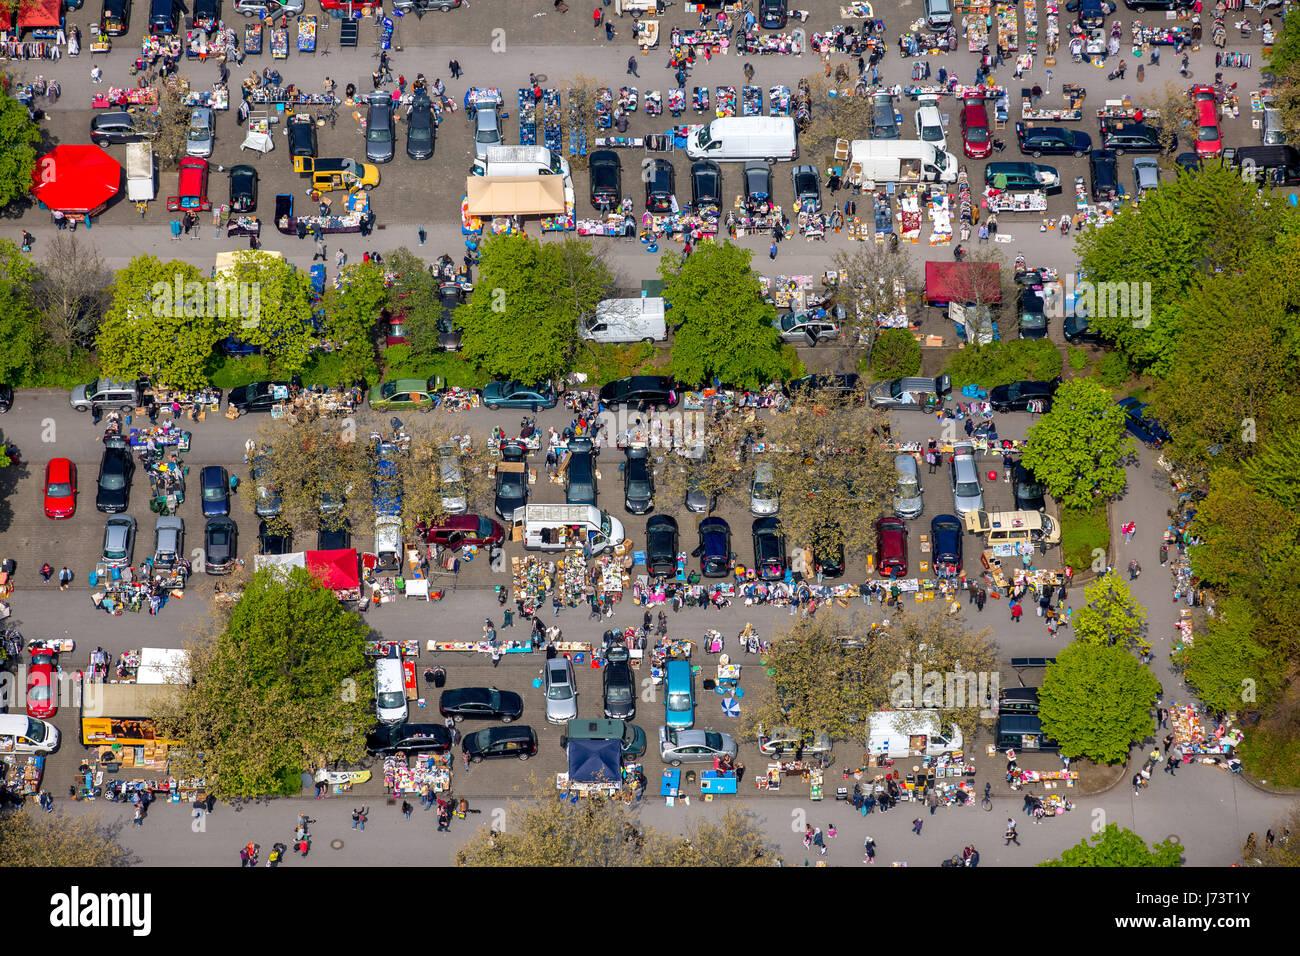 Flohmarkt an der Universität Dortmund, Schnäppchenmarkt